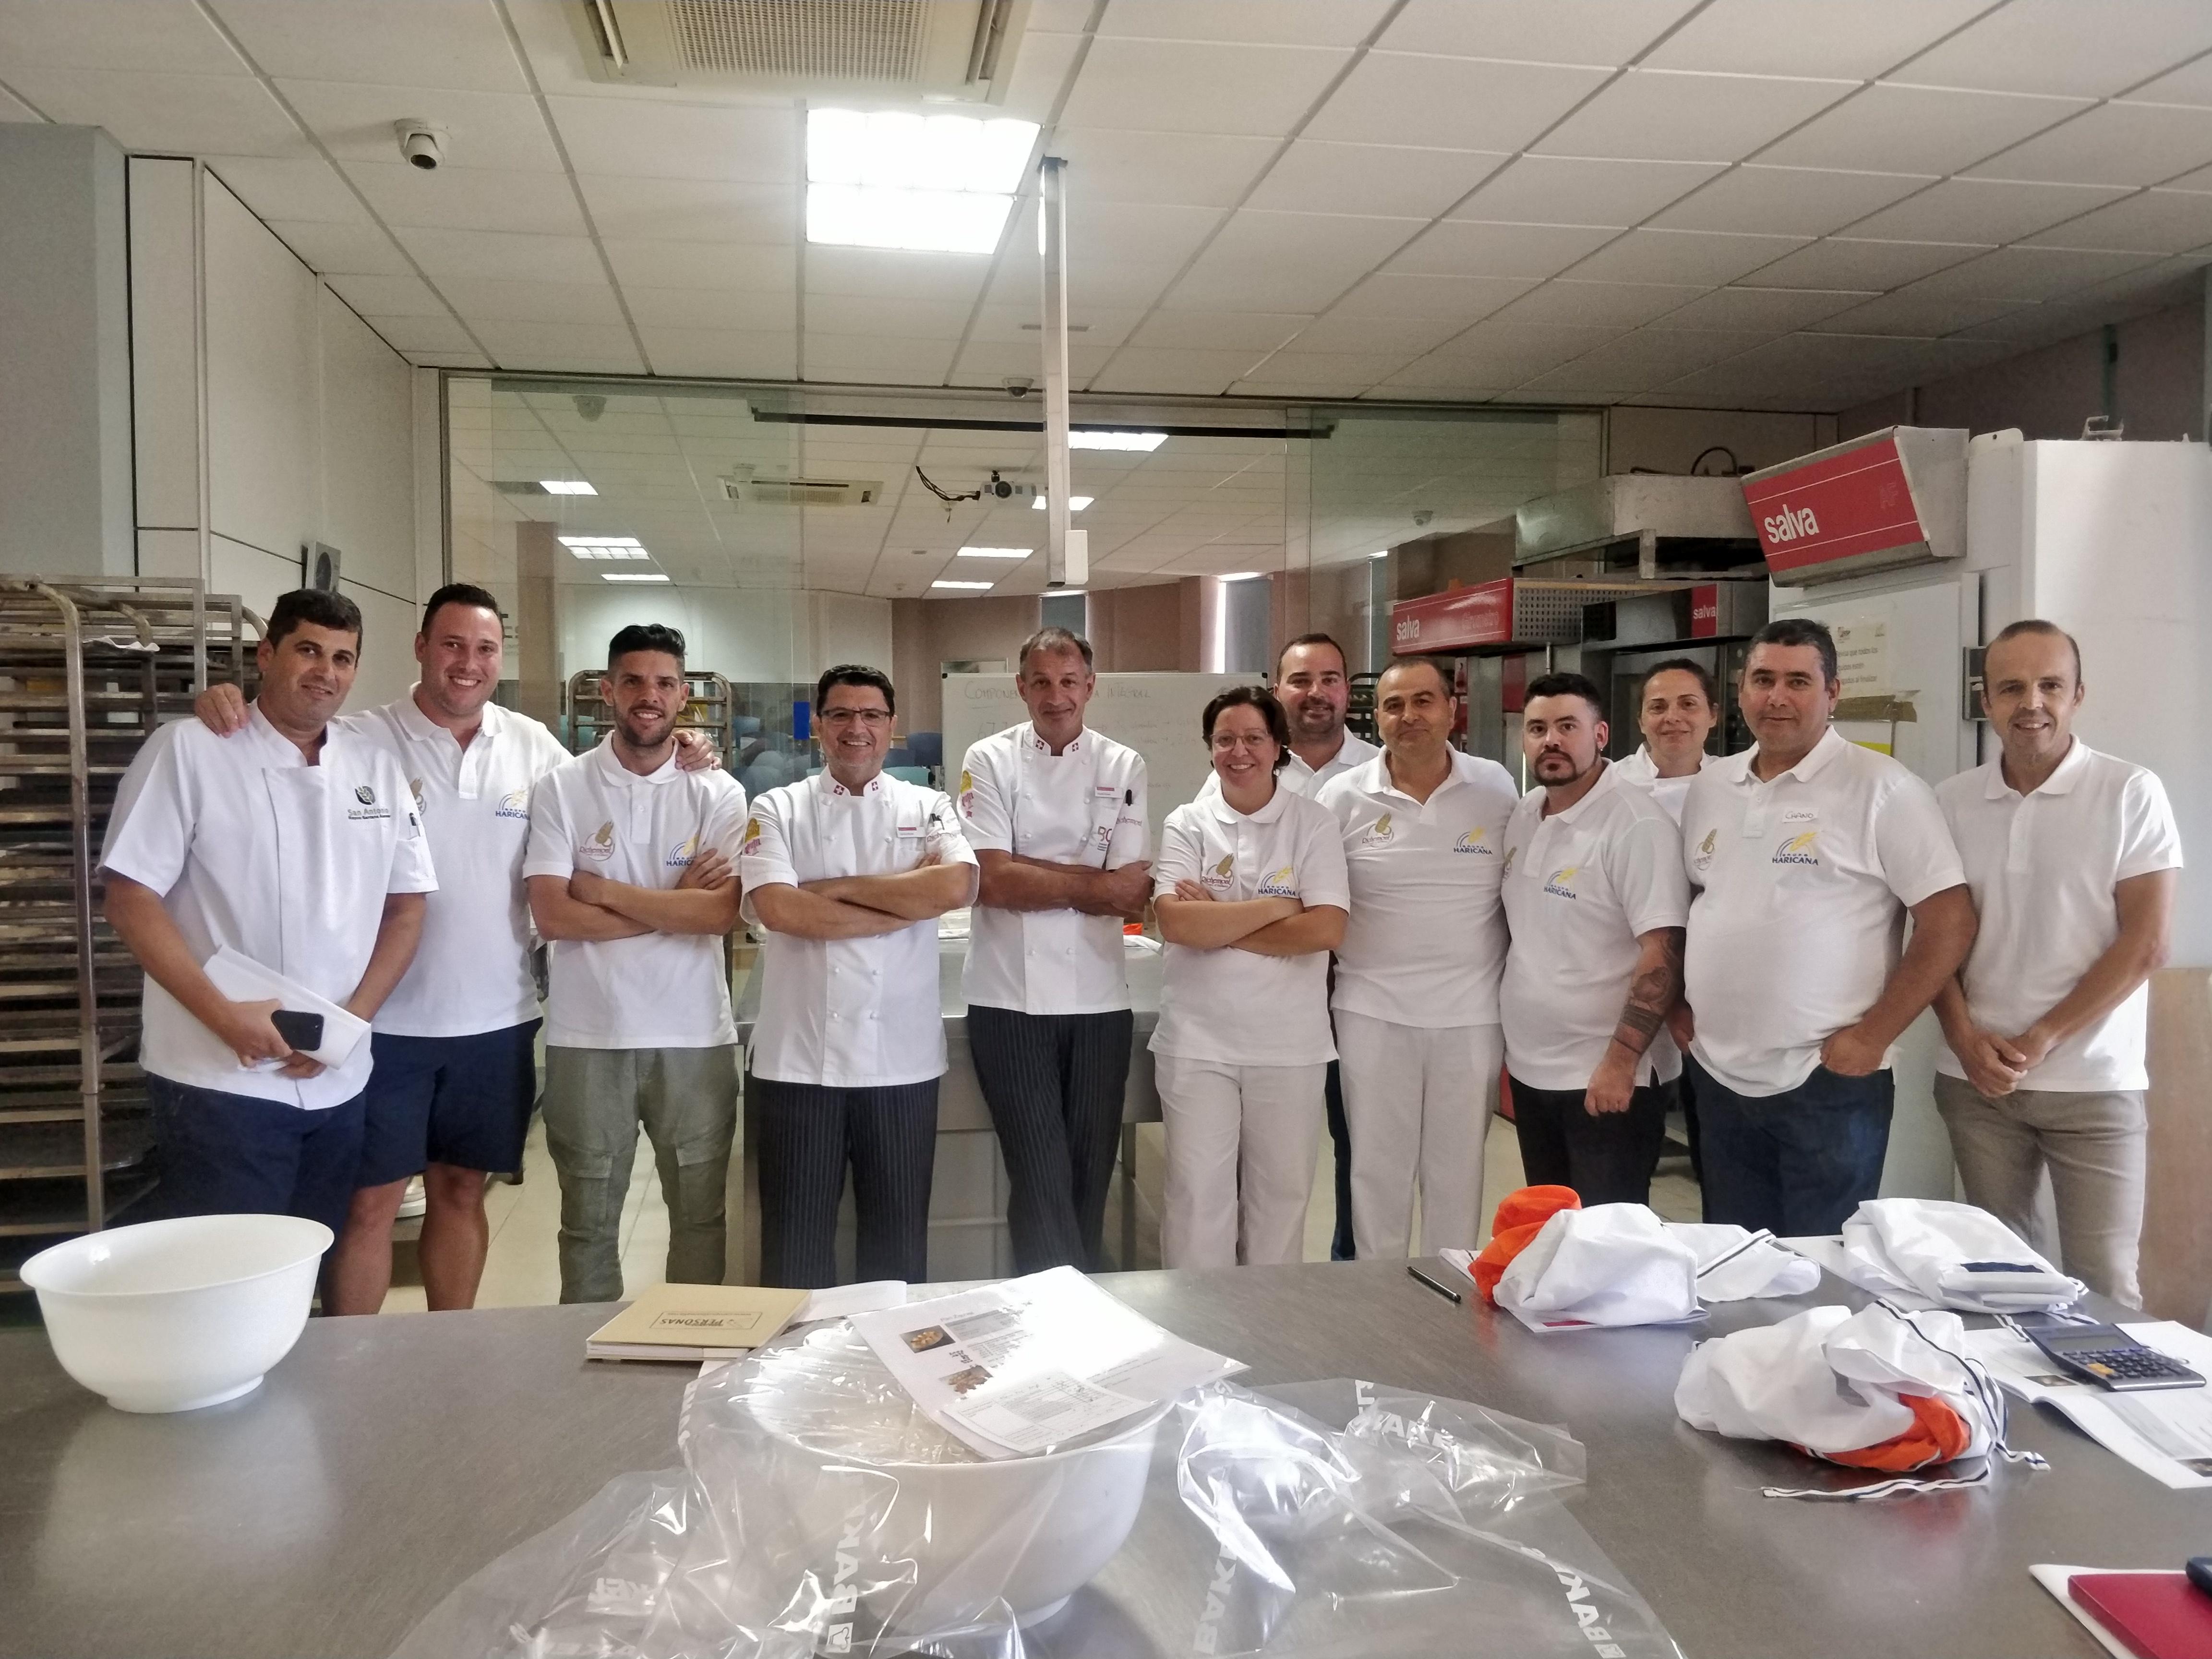 primera sesión del curso Experto Panadero Internacional, Grupo Haricanafeatured image